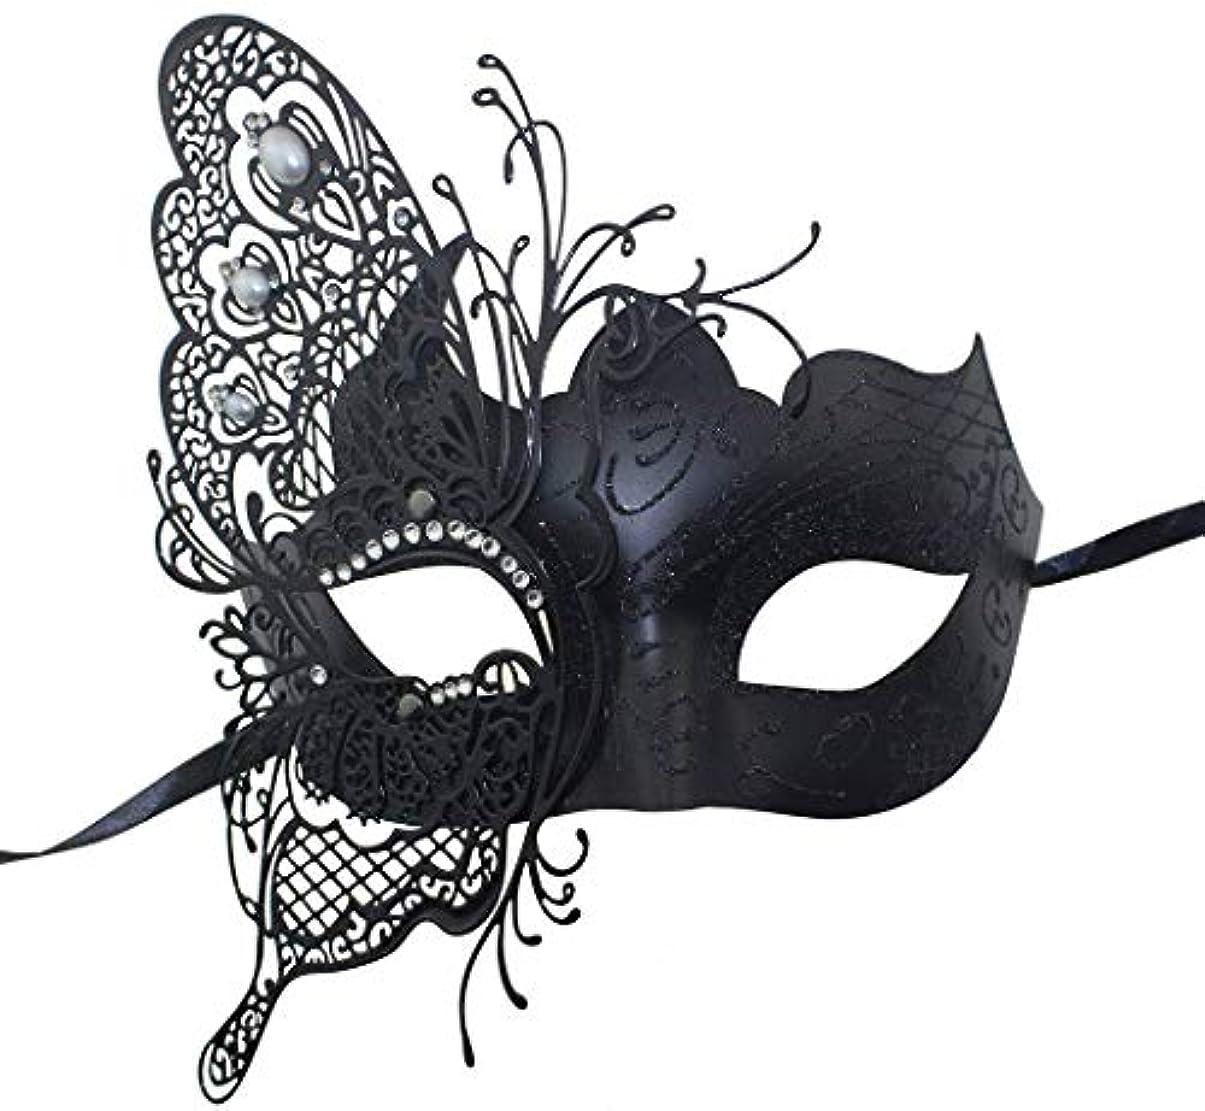 地殻道路を作るプロセス豆腐Nanle 神秘的なヴェネツィアの蝶シャイニーバタフライレディマスカレードハロウィンマルディグラパーティーマスク (色 : 黒)